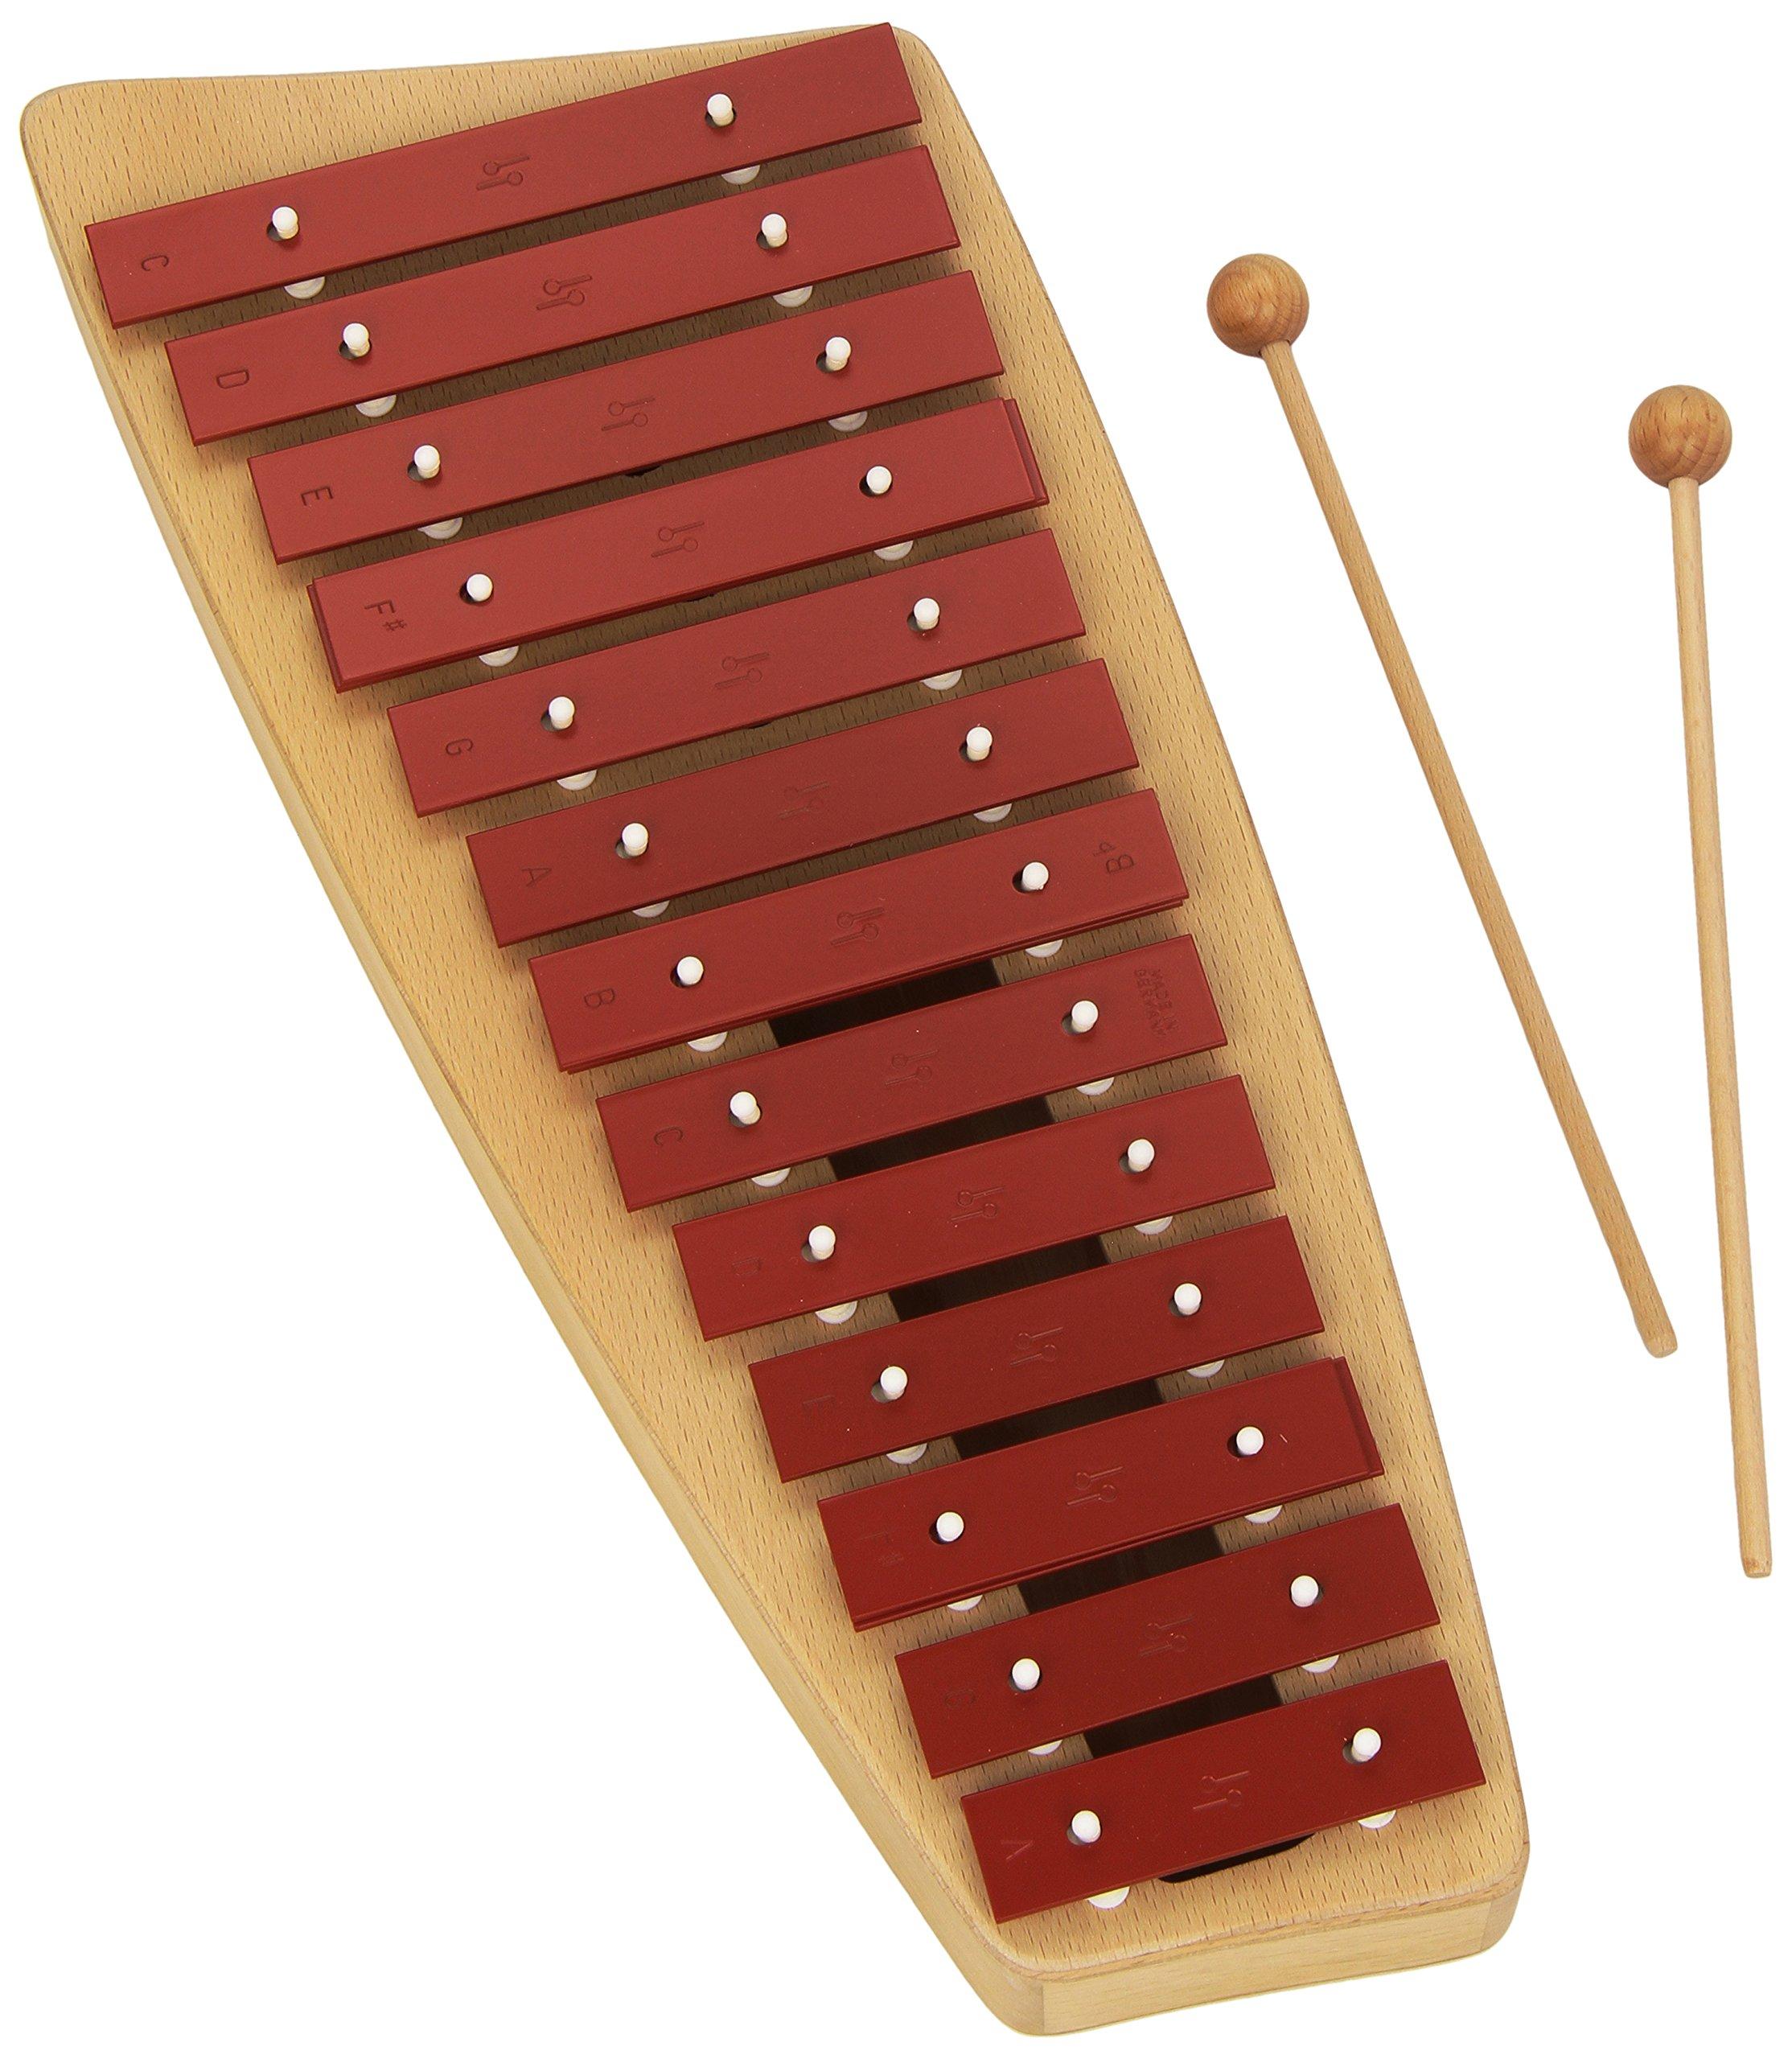 Sonor 28511101 - NG 11 Alto Glockenspiel